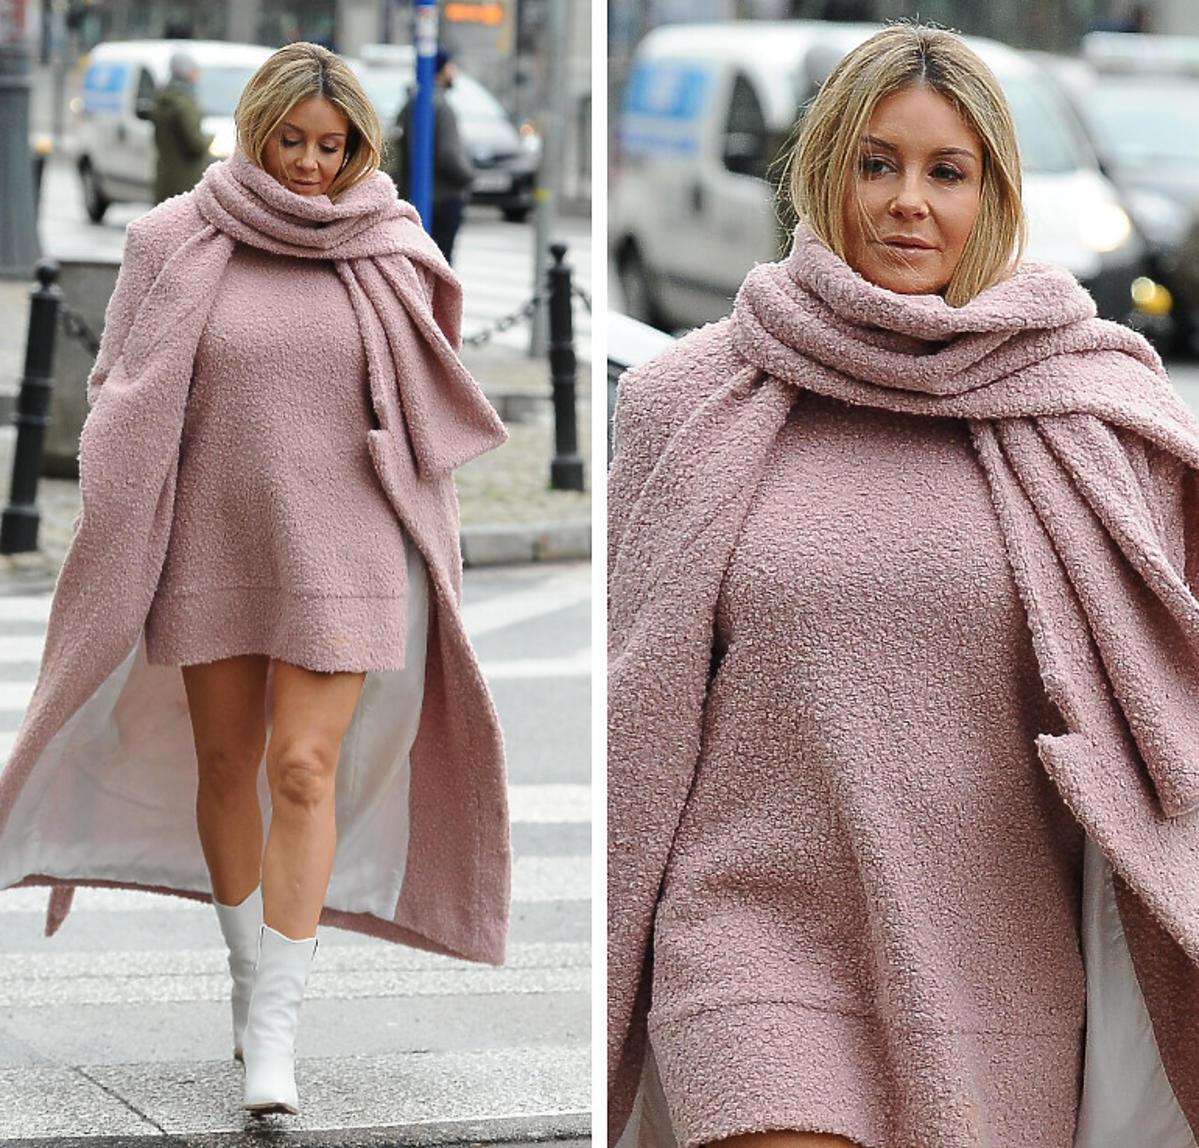 Małgorzata Rozenek w różowej stylizacji wychodzi z DDTVN